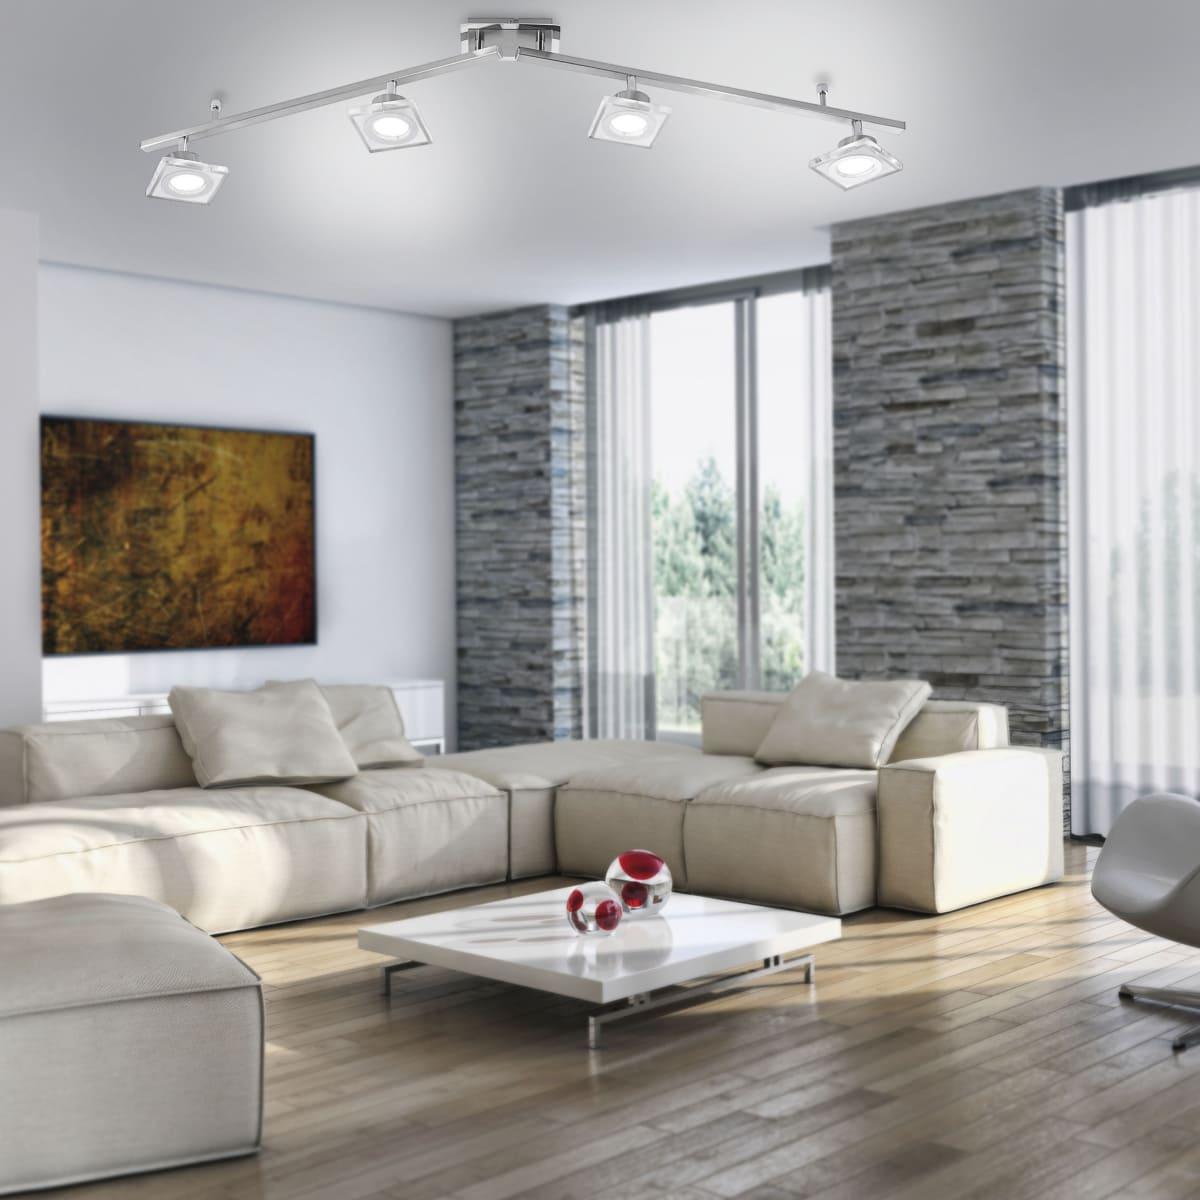 LED-Deckenleuchte in Stahl mit 4 Leuchtköpfen sowie warmweißer Lichtfarbe inkl. Switchmo Dimmfunktion